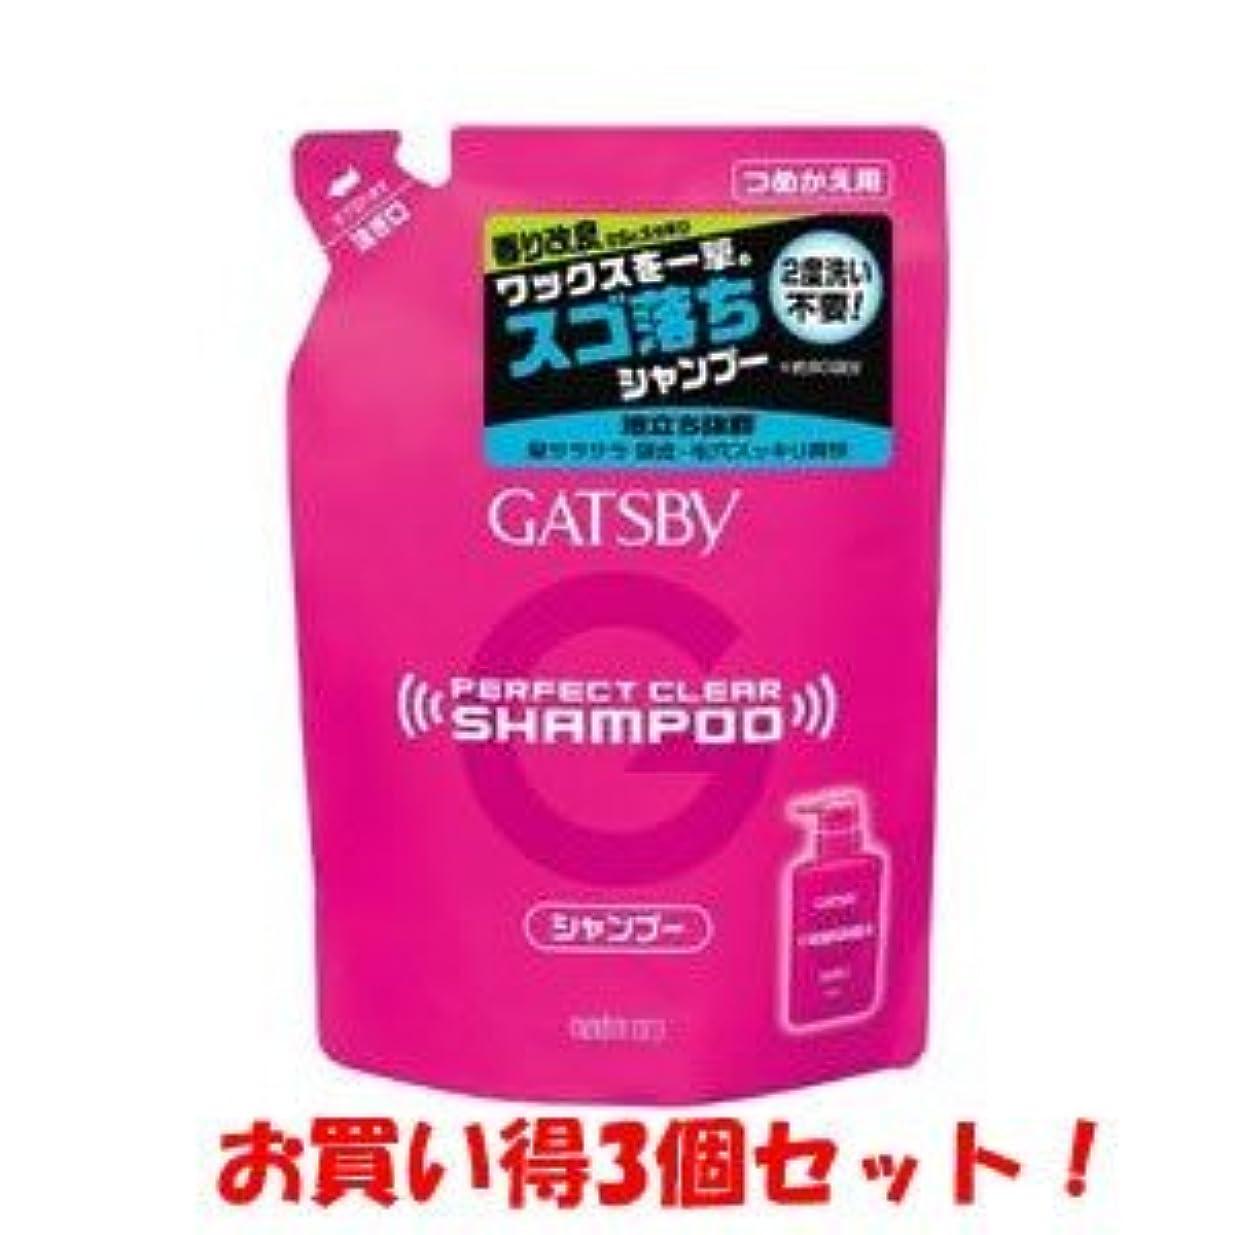 アレンジウナギ論理ギャツビー【GATSBY】パーフェクトクリアシャンプー 詰替 320ml(お買い得3個セット)